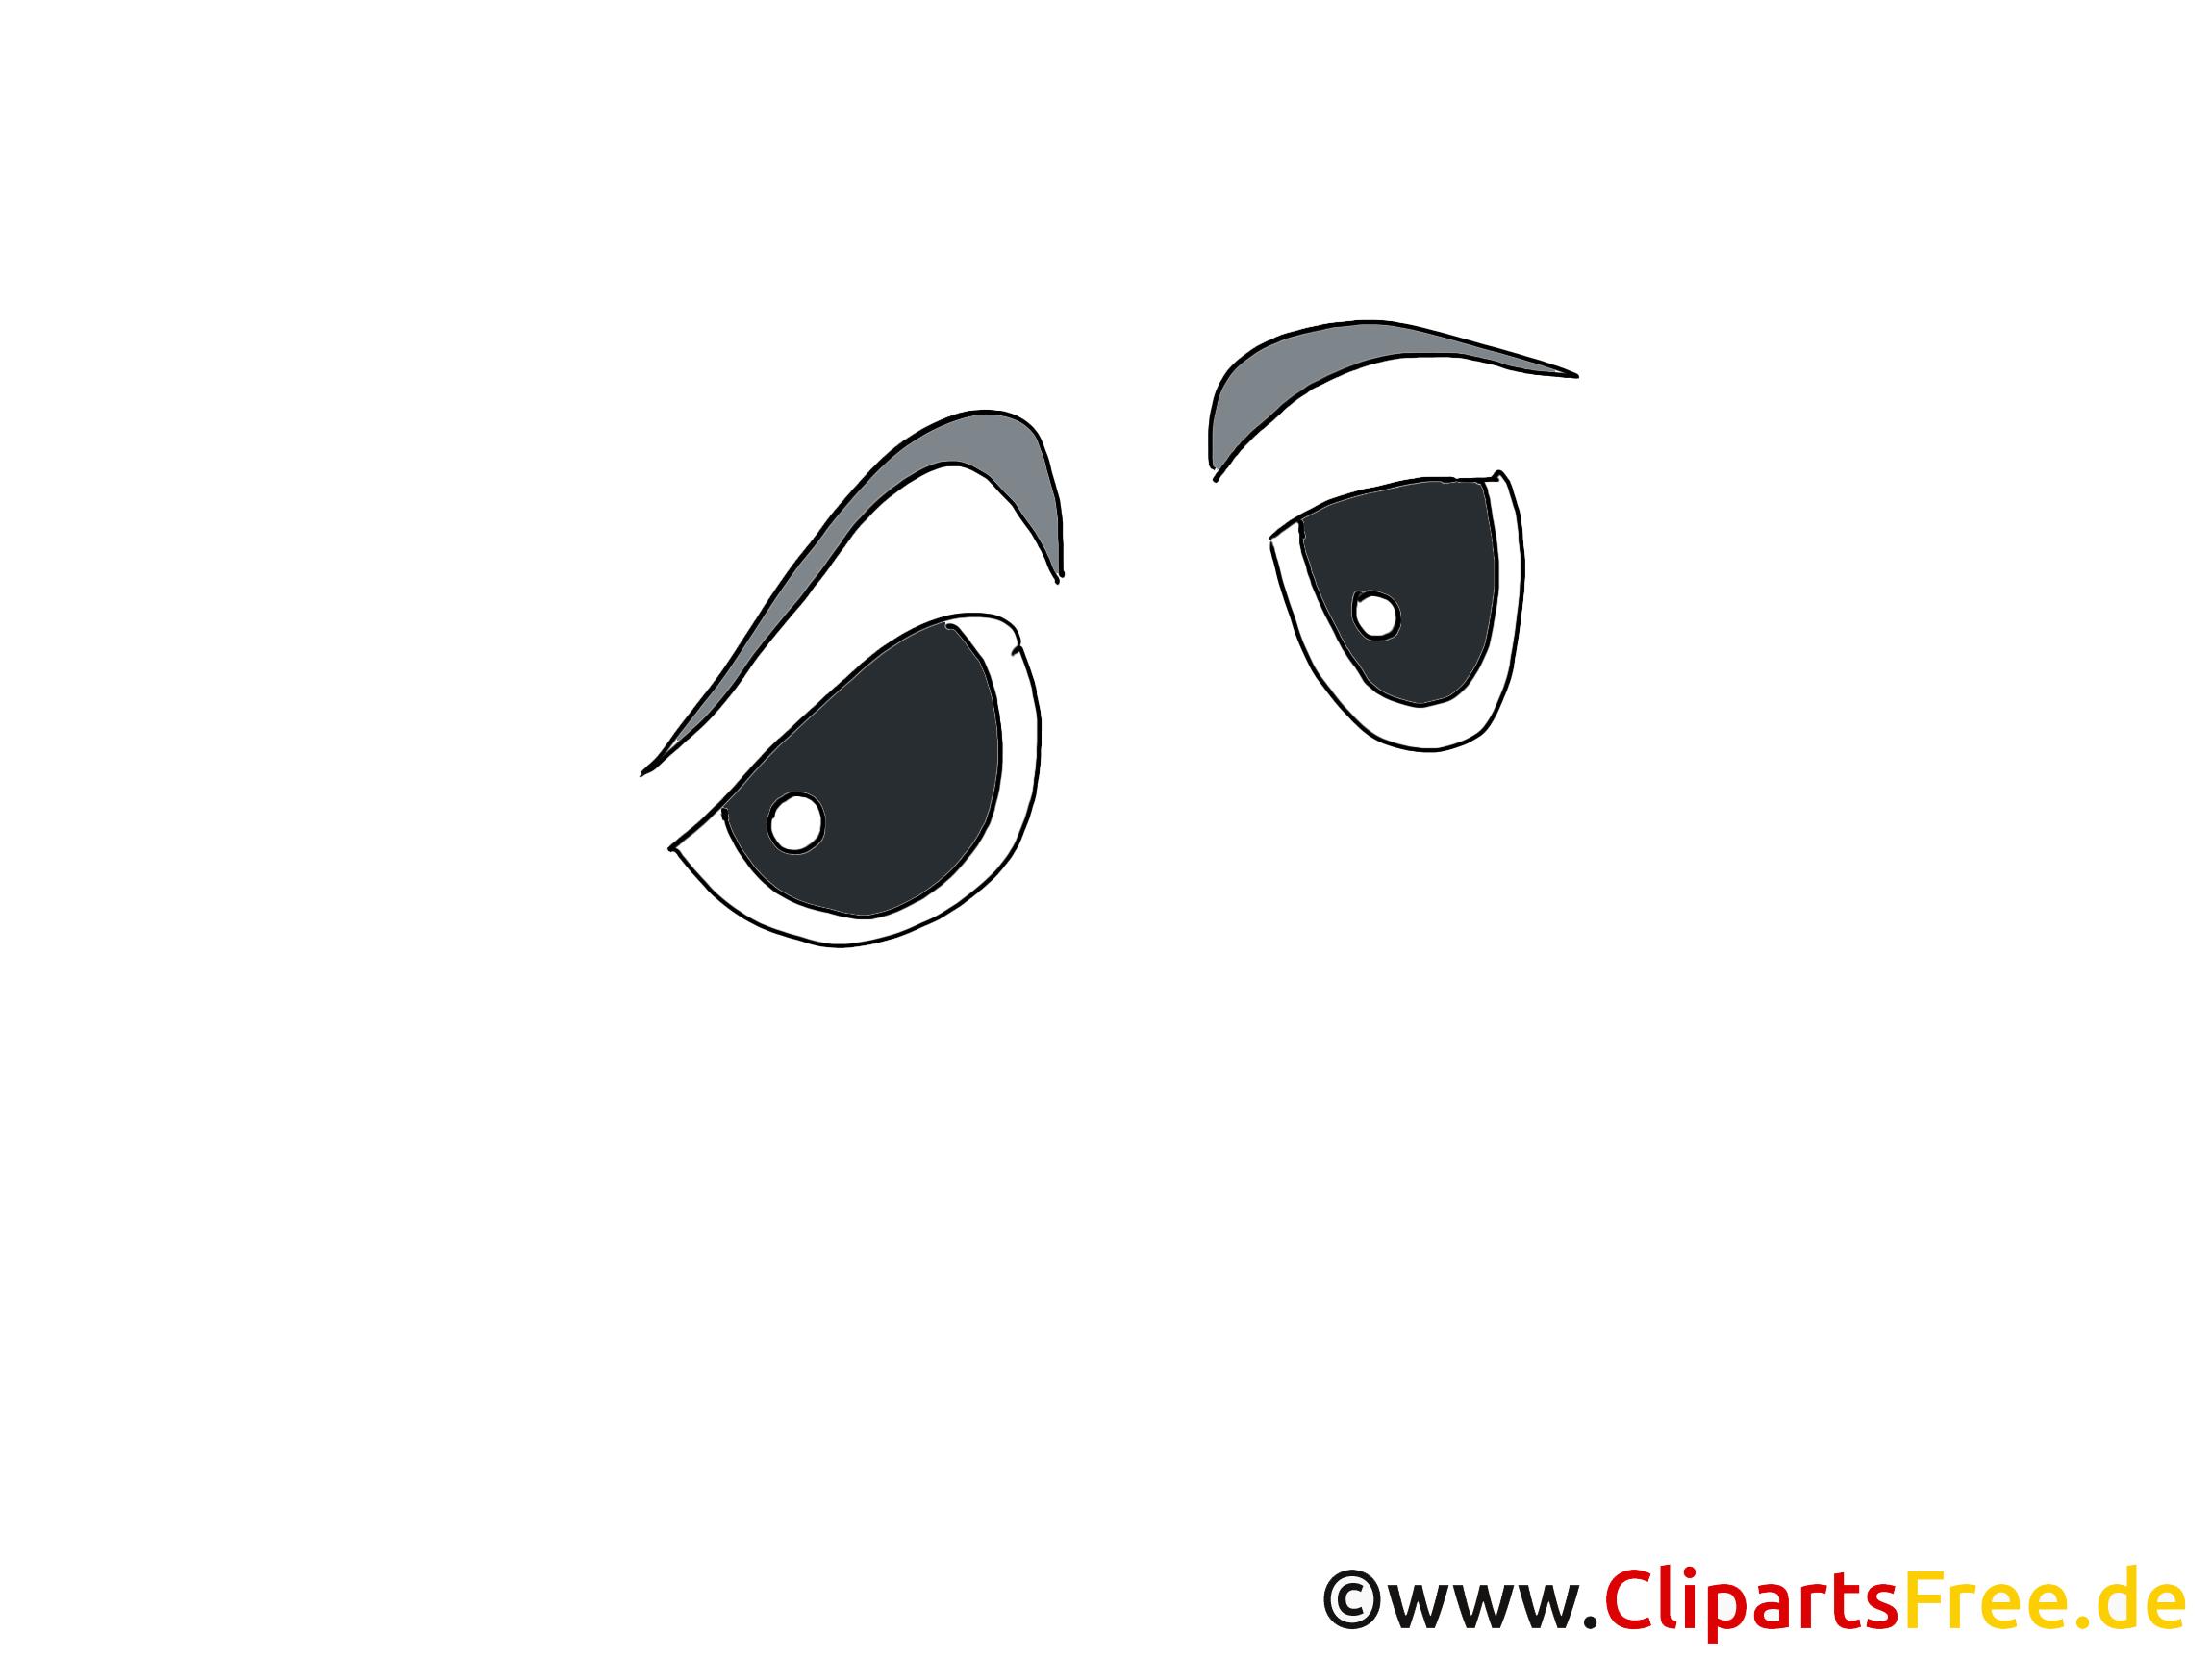 Traurige Comic Augen Clipart, Bild, Zeichnung, Grafik.